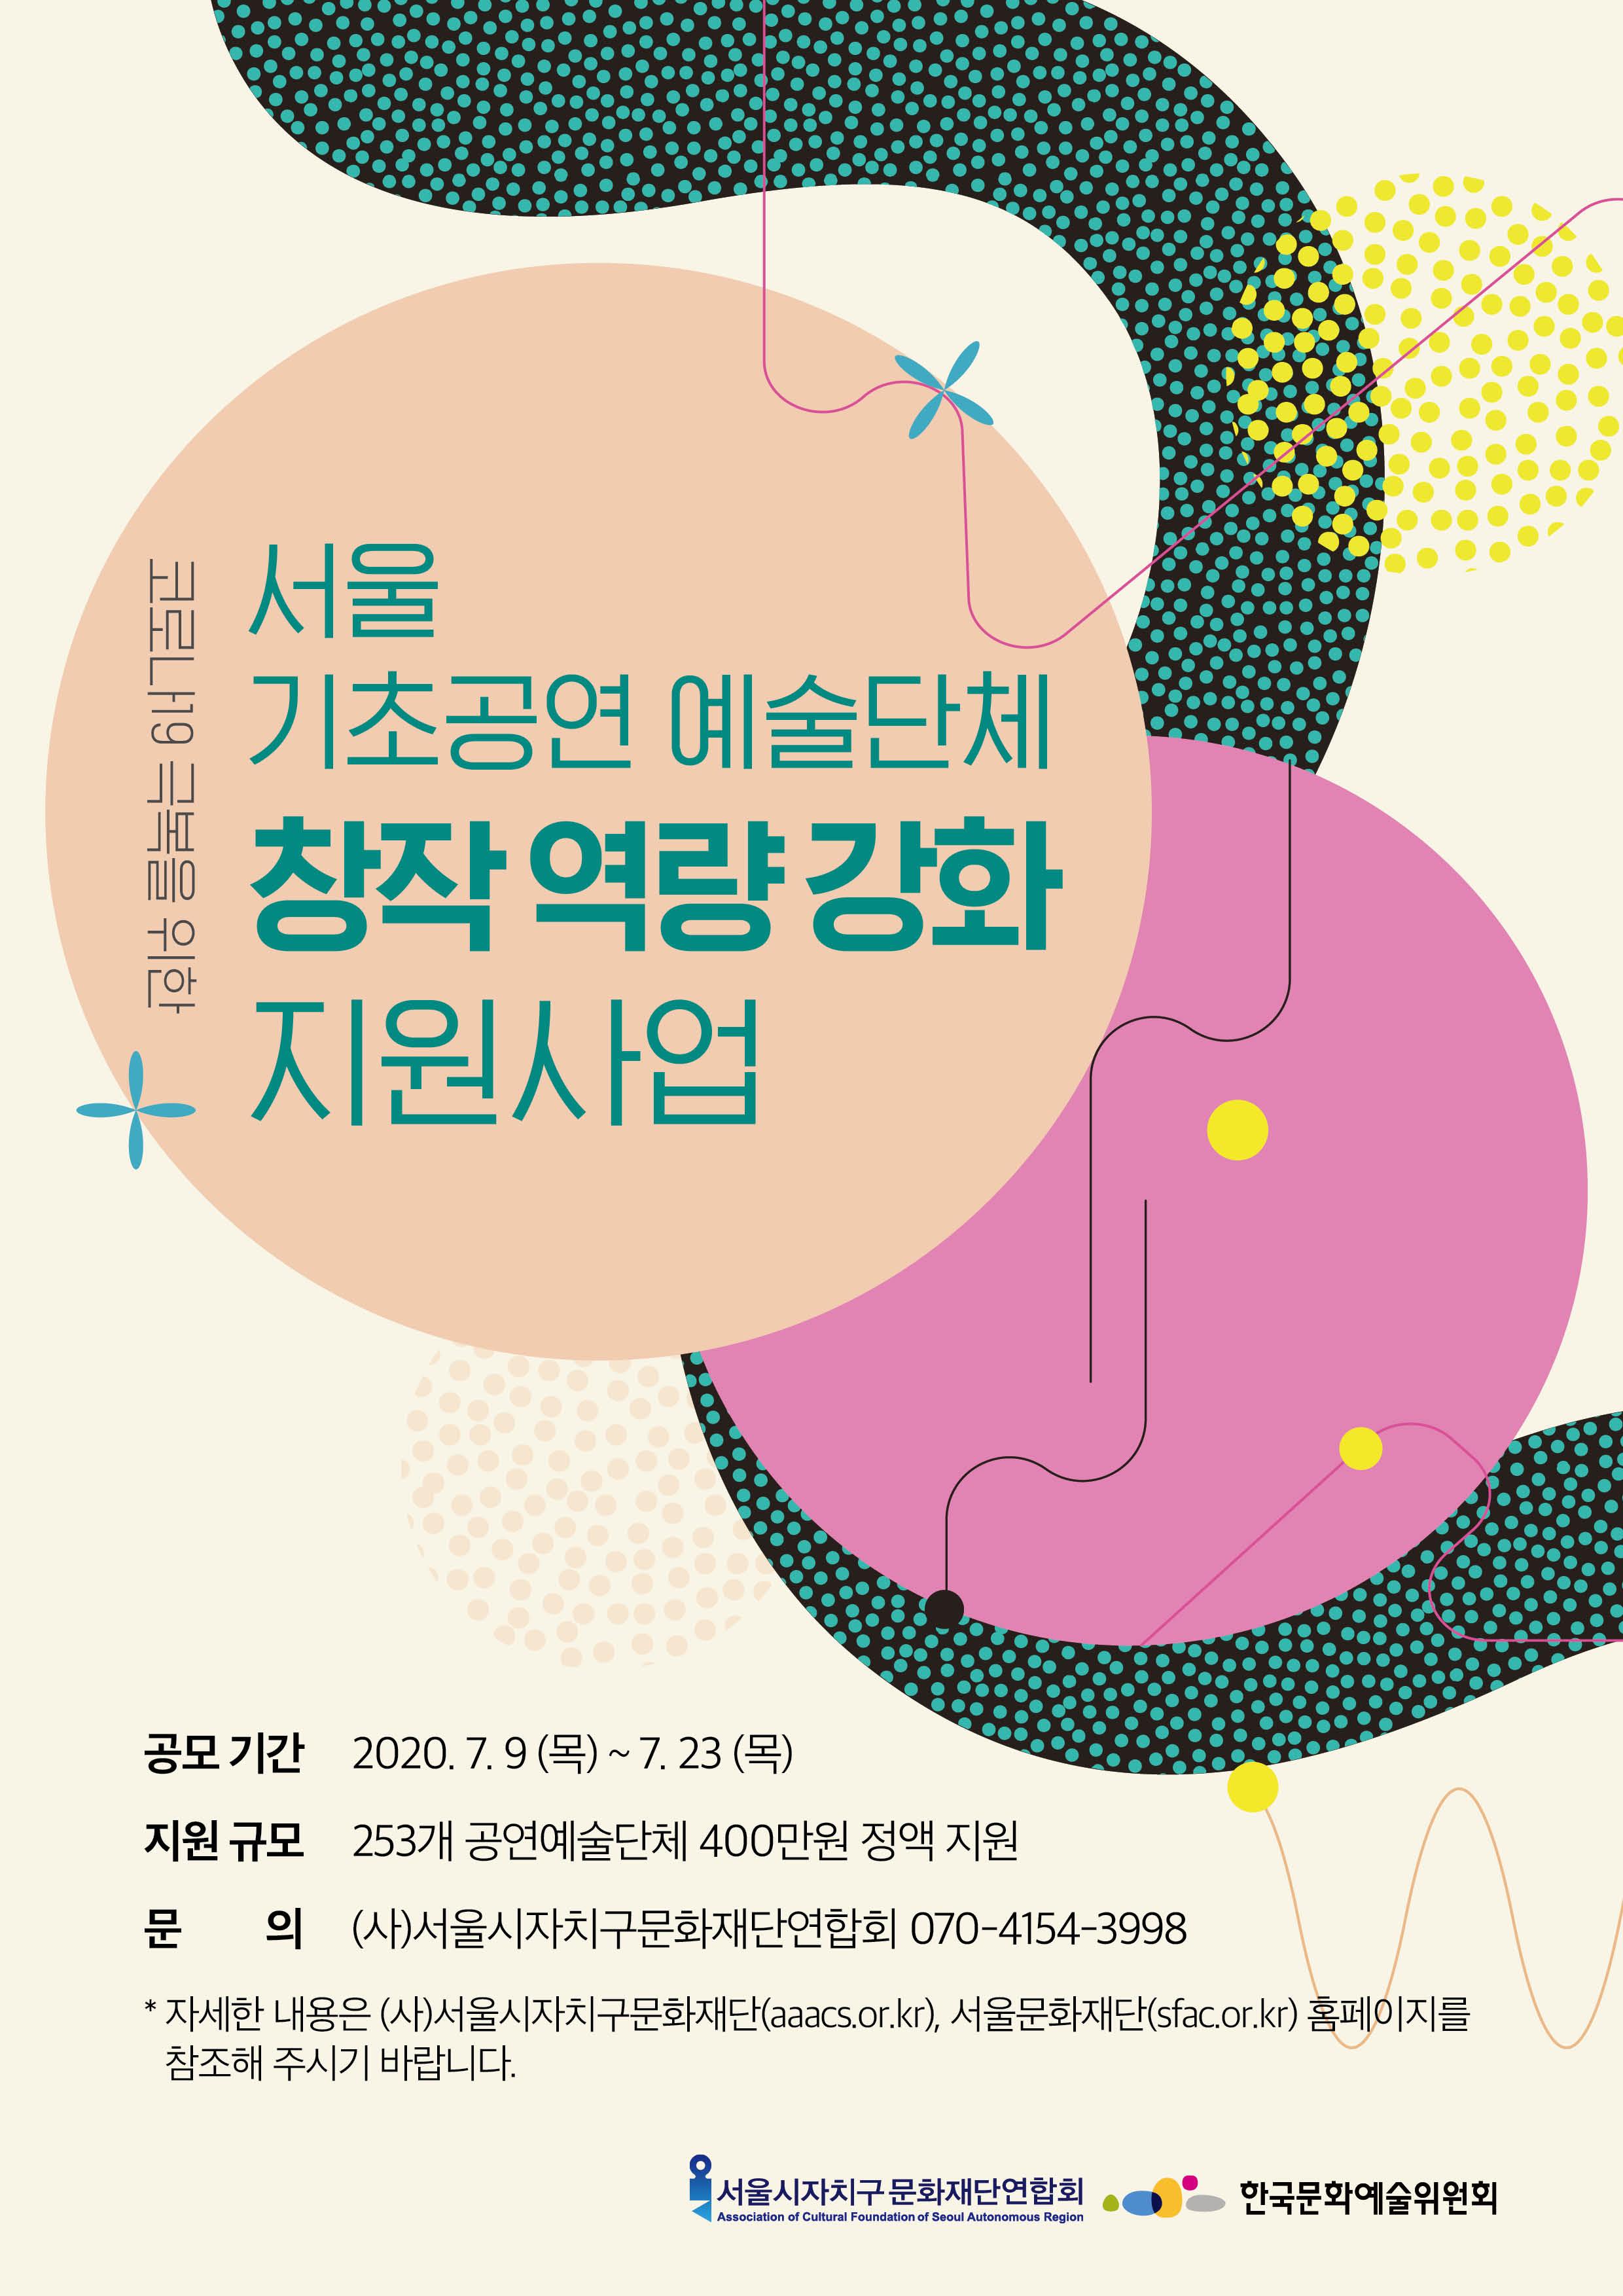 서울문화재단, 기초공연예술단체 창작역량 강화을 위해 10억 원 지원한다.